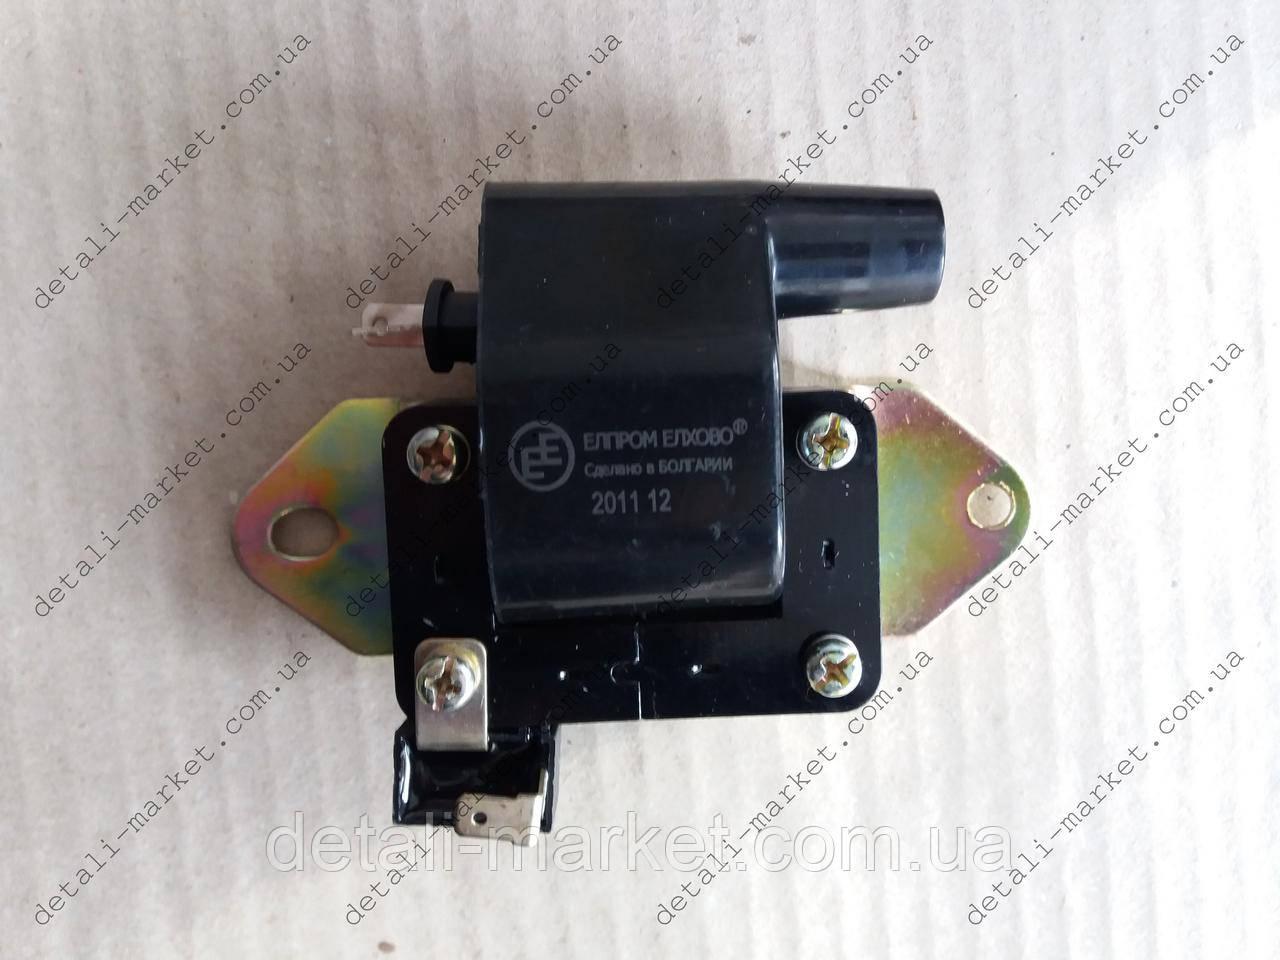 Катушка зажигания Матиз 0.8 под трамблер E&E